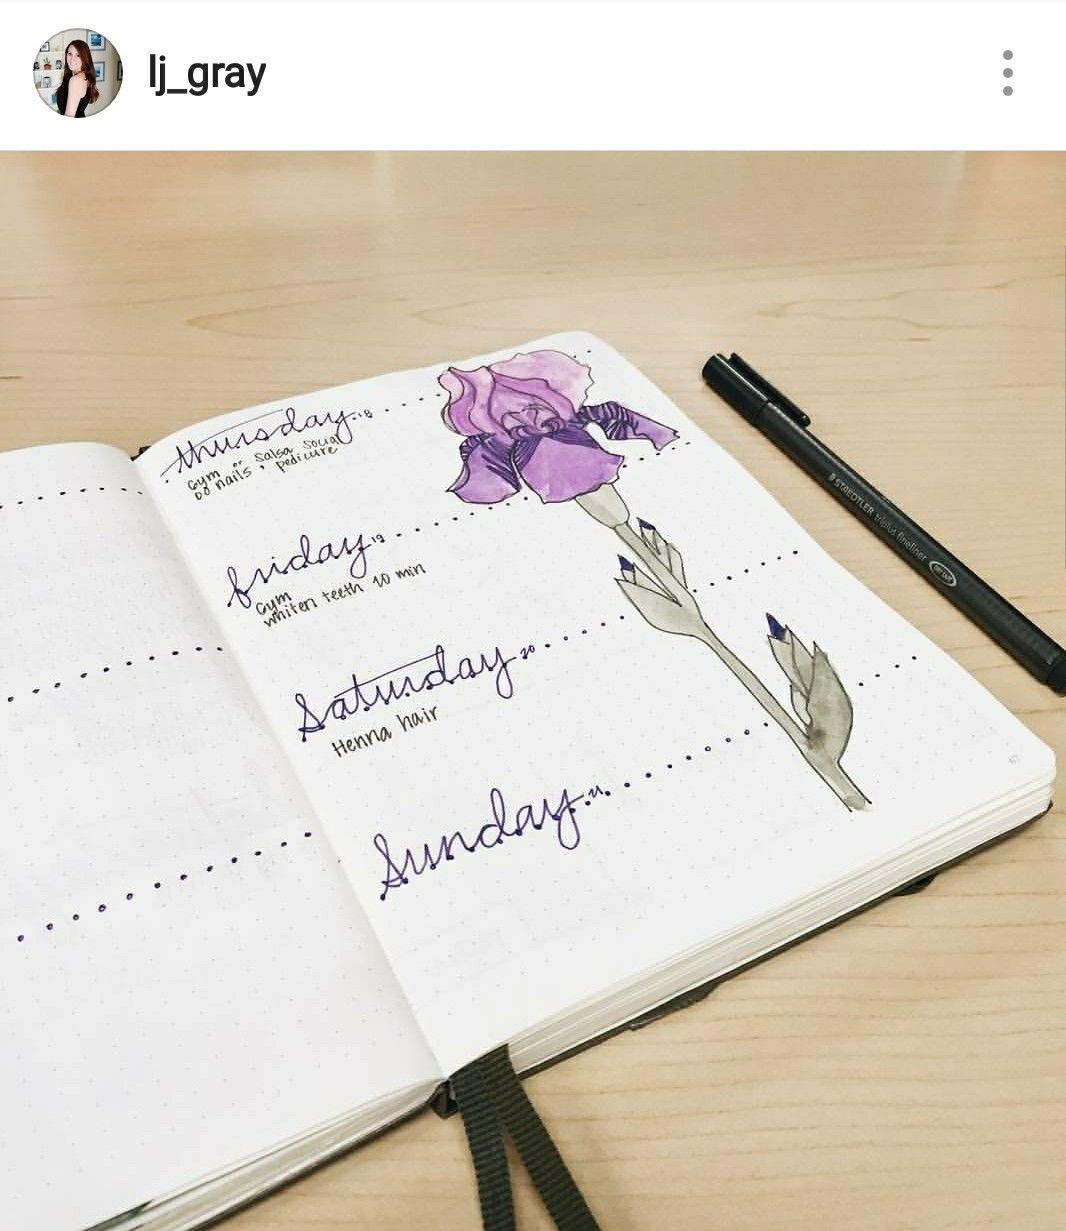 https://www.instagram.com/p/BJJA2eQDWIY/